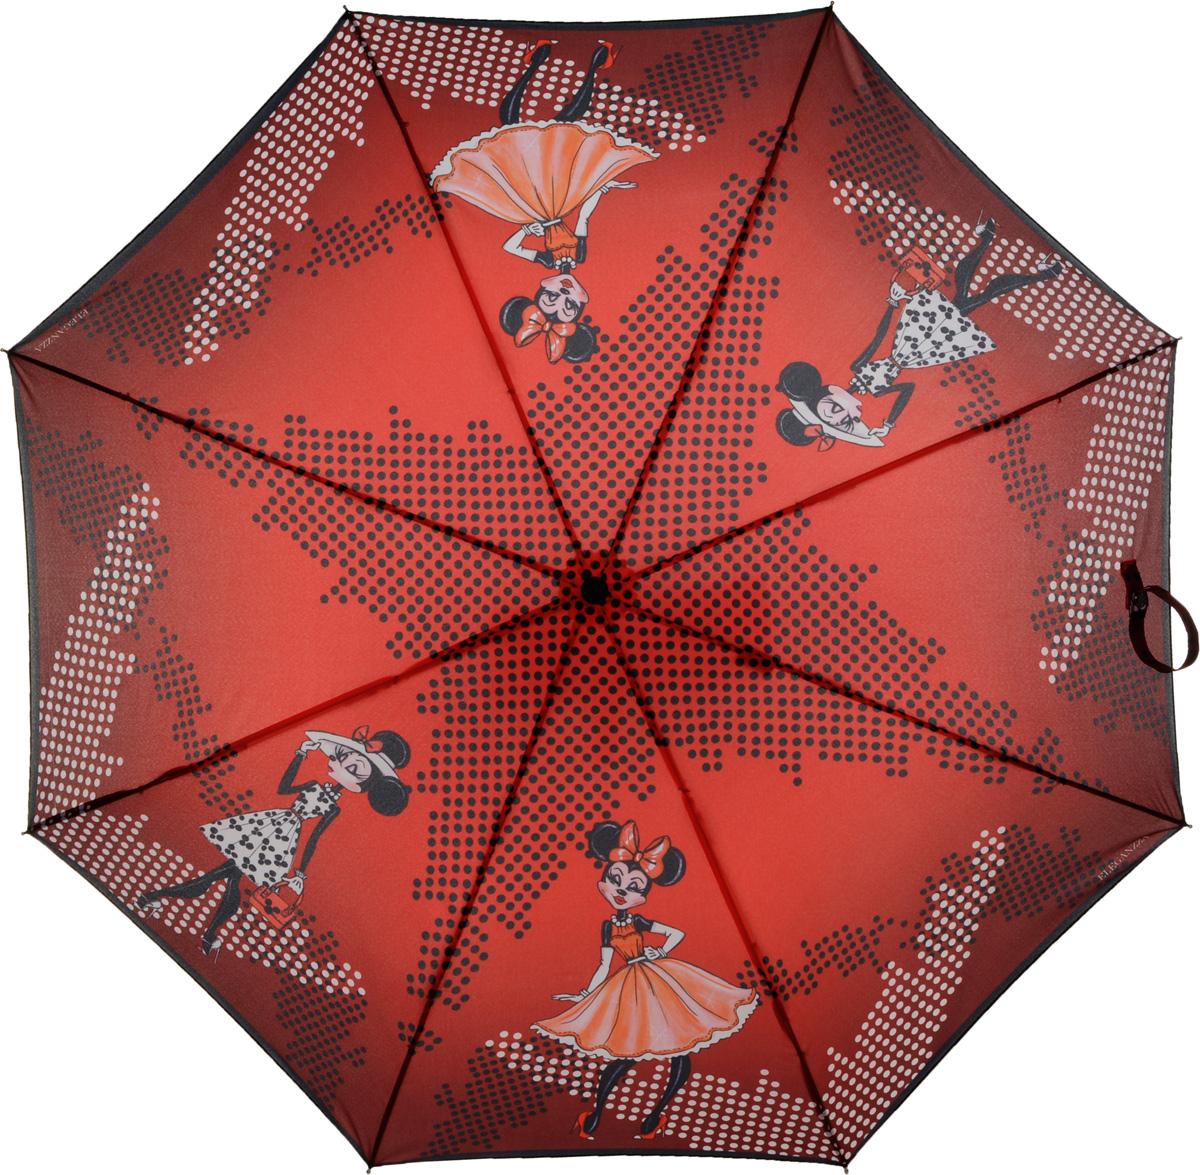 Зонт женский Eleganzza, автомат, 3 сложения, цвет: красный. A3-05-0283SA3-05-0283SЖенский зонт-автомат торговой марки ELEGANZZA с каркасом Smart, который позволяет без особых усилий складывать зонт, не позволяя стержню вылетать обратно. Купол: 100% полиэстер, эпонж. Материал каркаса: сталь + алюминий + фибергласс. Материал ручки: пластик. Длина изделия - 30 см. Диаметр купола - 100 см. Система Smart, не позволяет стержню при сложении вылететь обратно, это облегчает сложение зонта! При сложении есть характерный звук-треск, как трещетка. Примечание: зонт не откроется с кнопки если его не закрыть до щелчка!